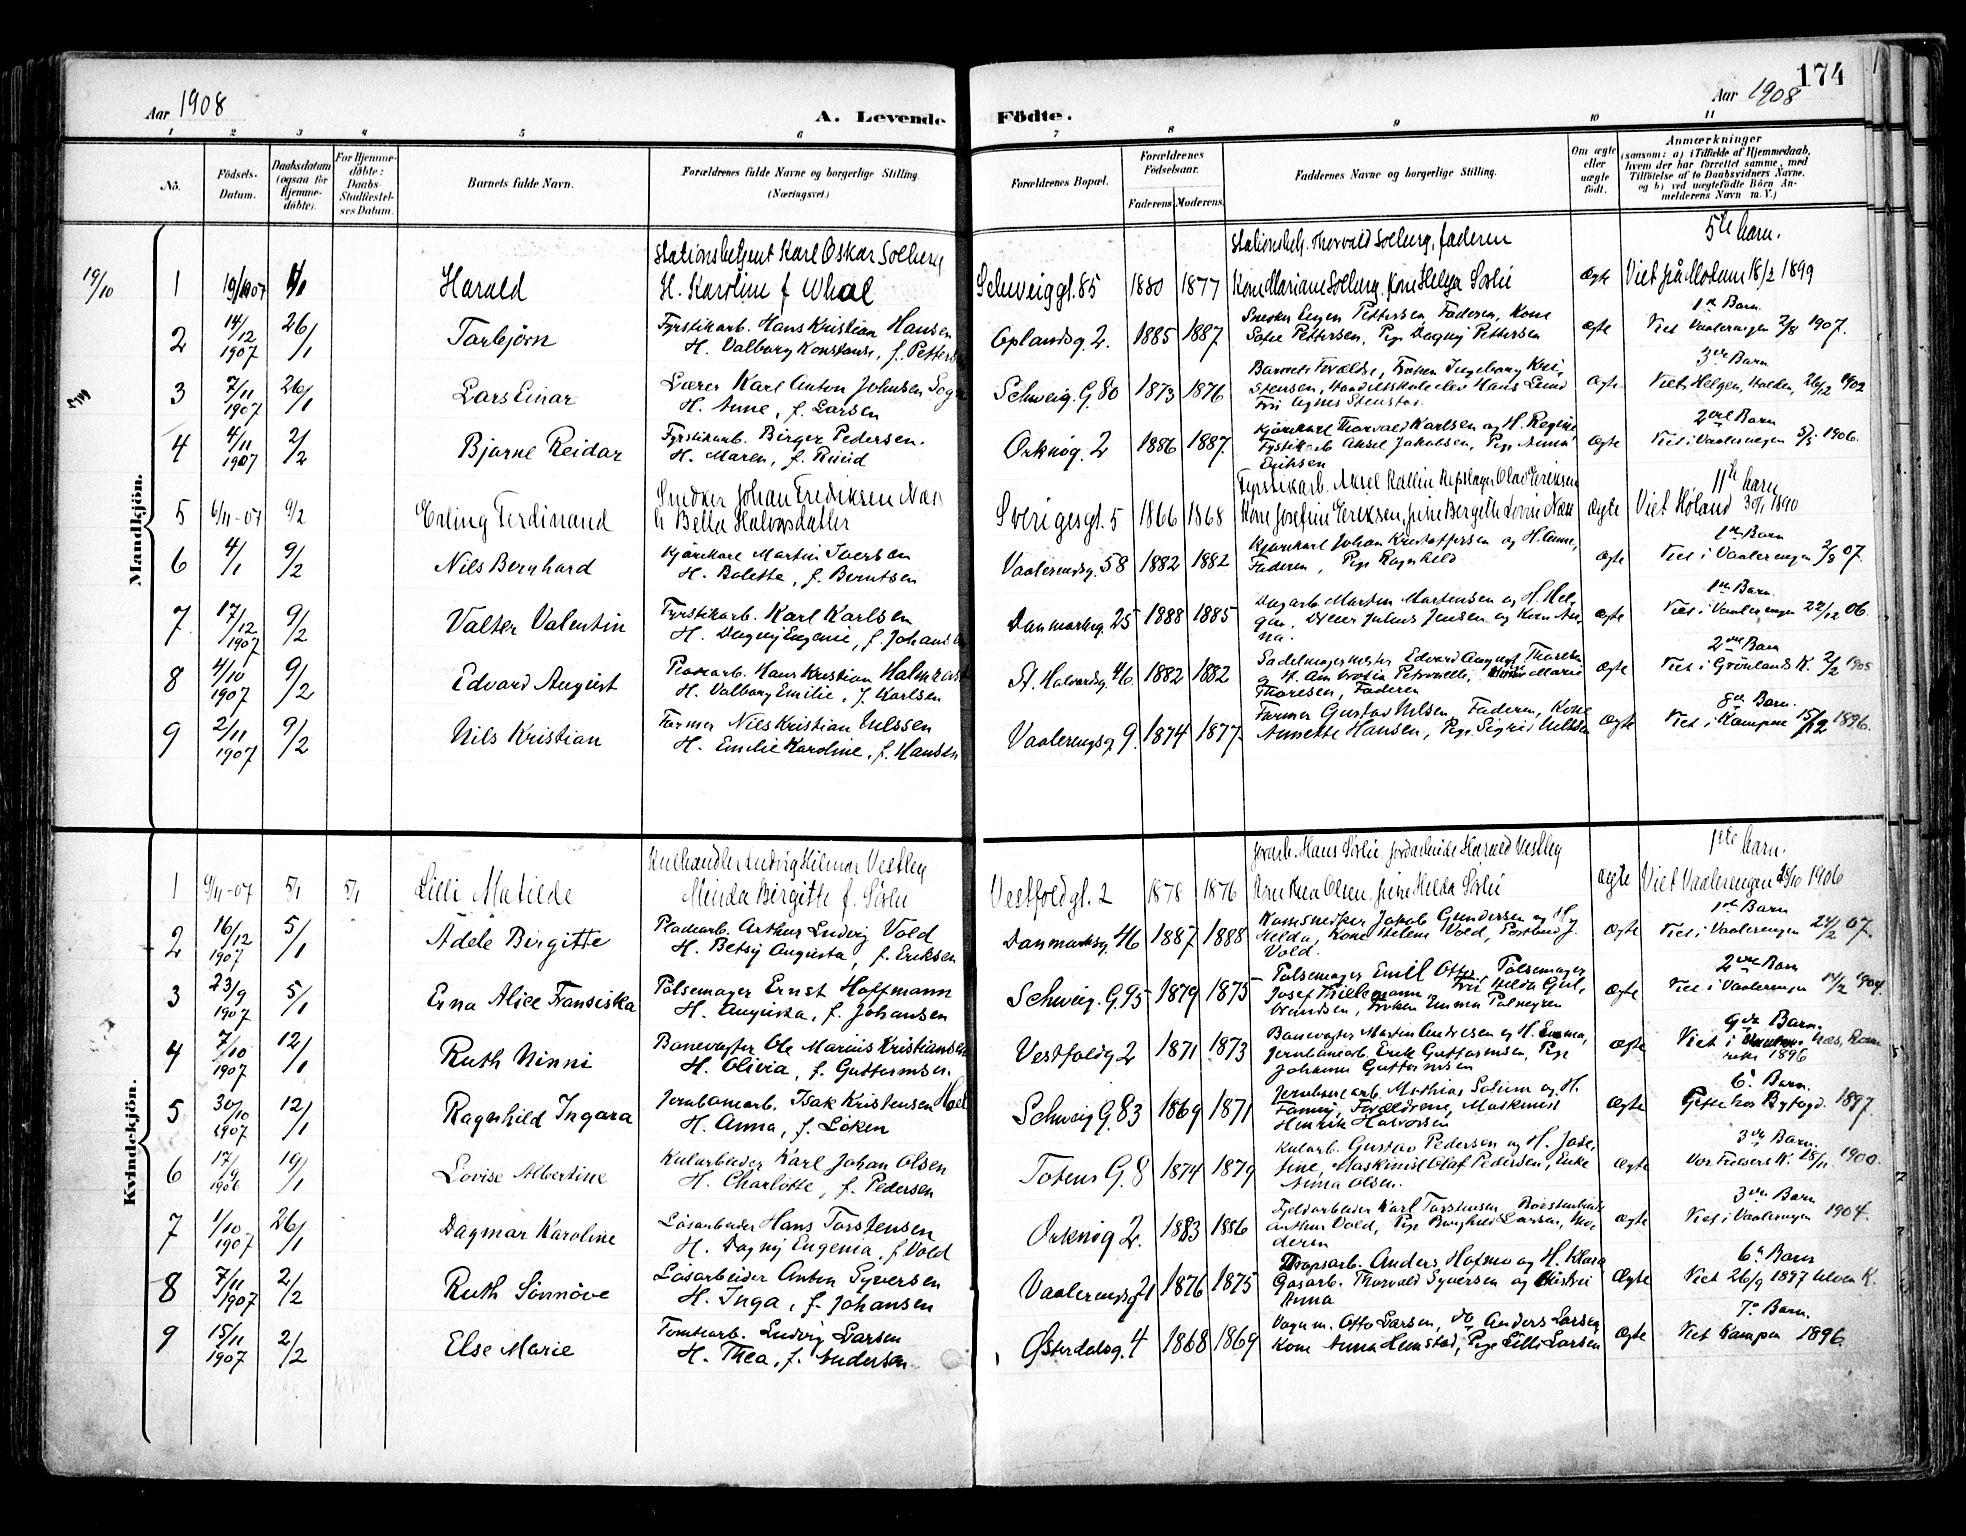 SAO, Vålerengen prestekontor Kirkebøker, F/Fa/L0001: Ministerialbok nr. 1, 1899-1915, s. 174